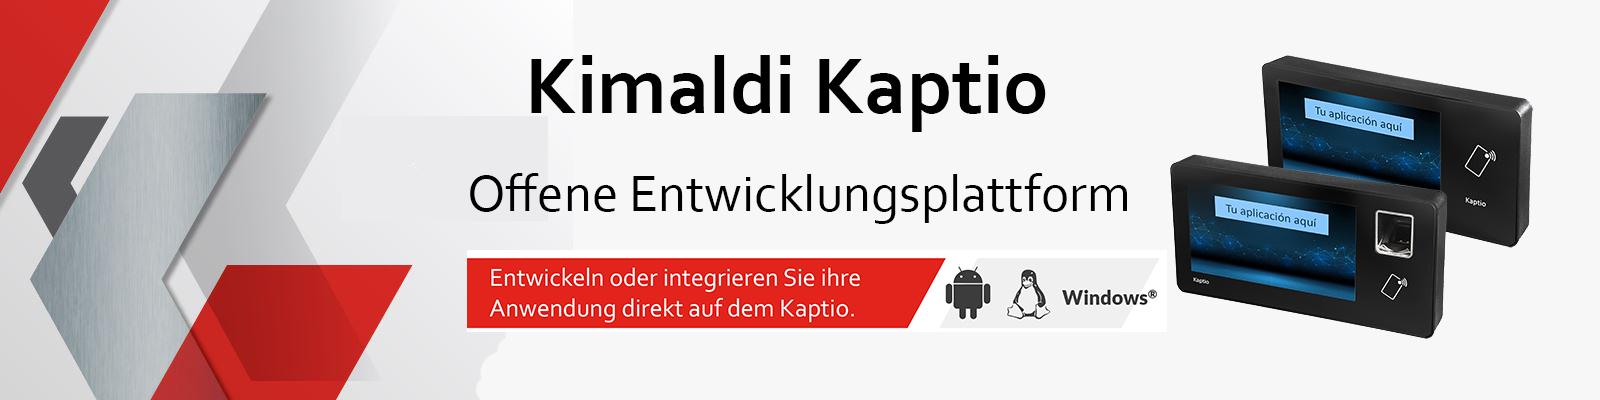 Kimaldi Kaptio - Plataforma de desarrollo abierta_german